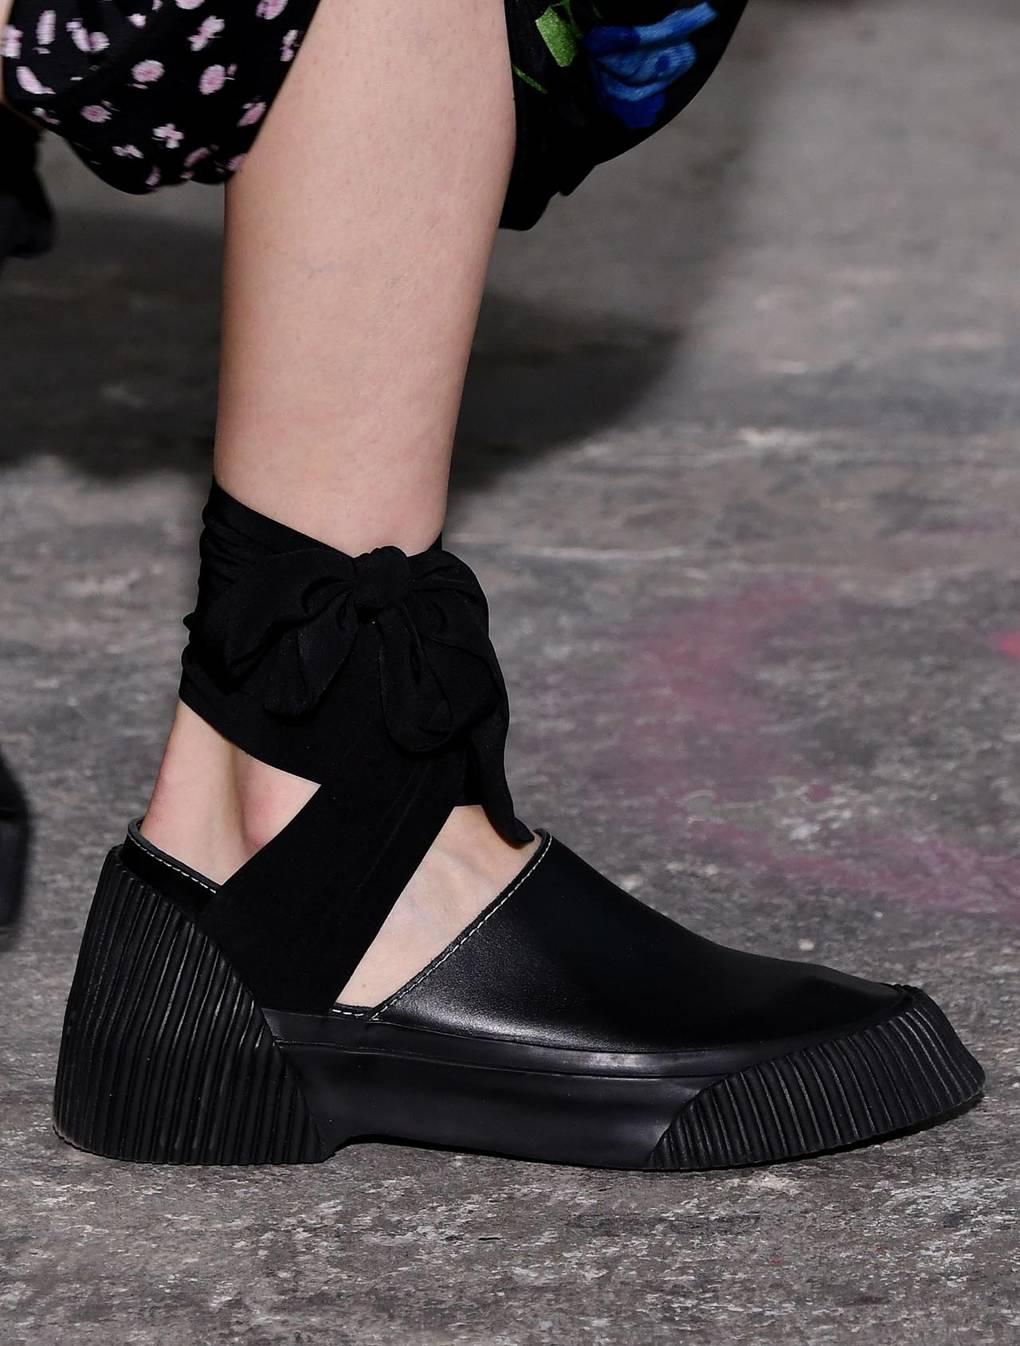 84d65c75c Отличительный атрибут такой летней обуви – это атласные ленты, которые на  ножке завязываются красивым бантом.